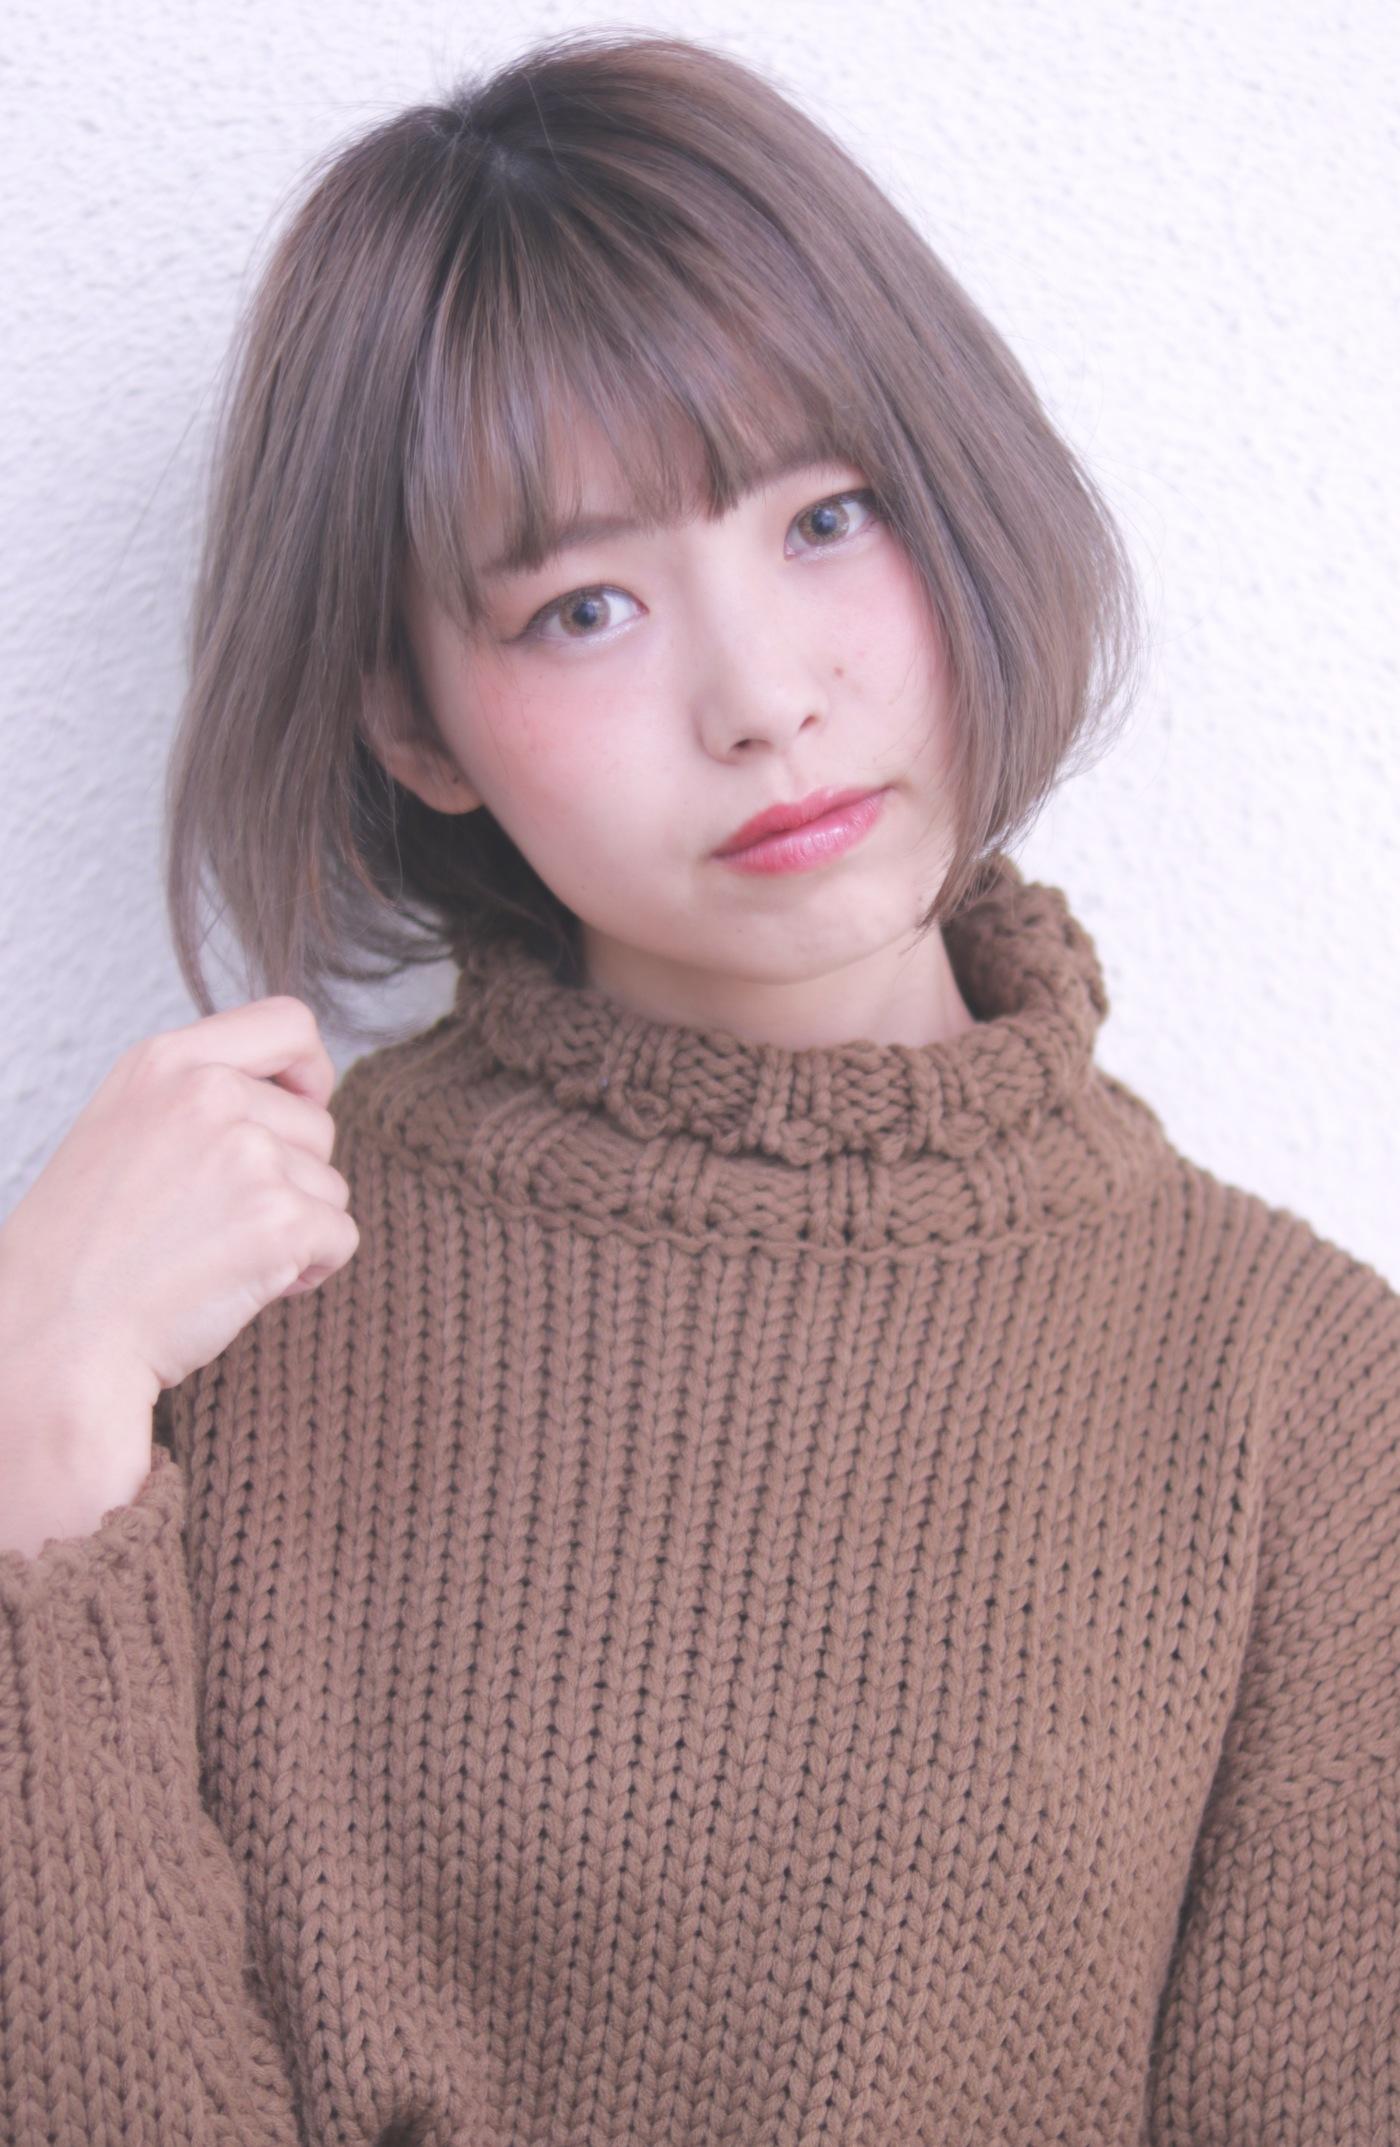 《最新版》面長さんに似合う髪型厳選!面長を生かして美人魅せ♡の12枚目の画像